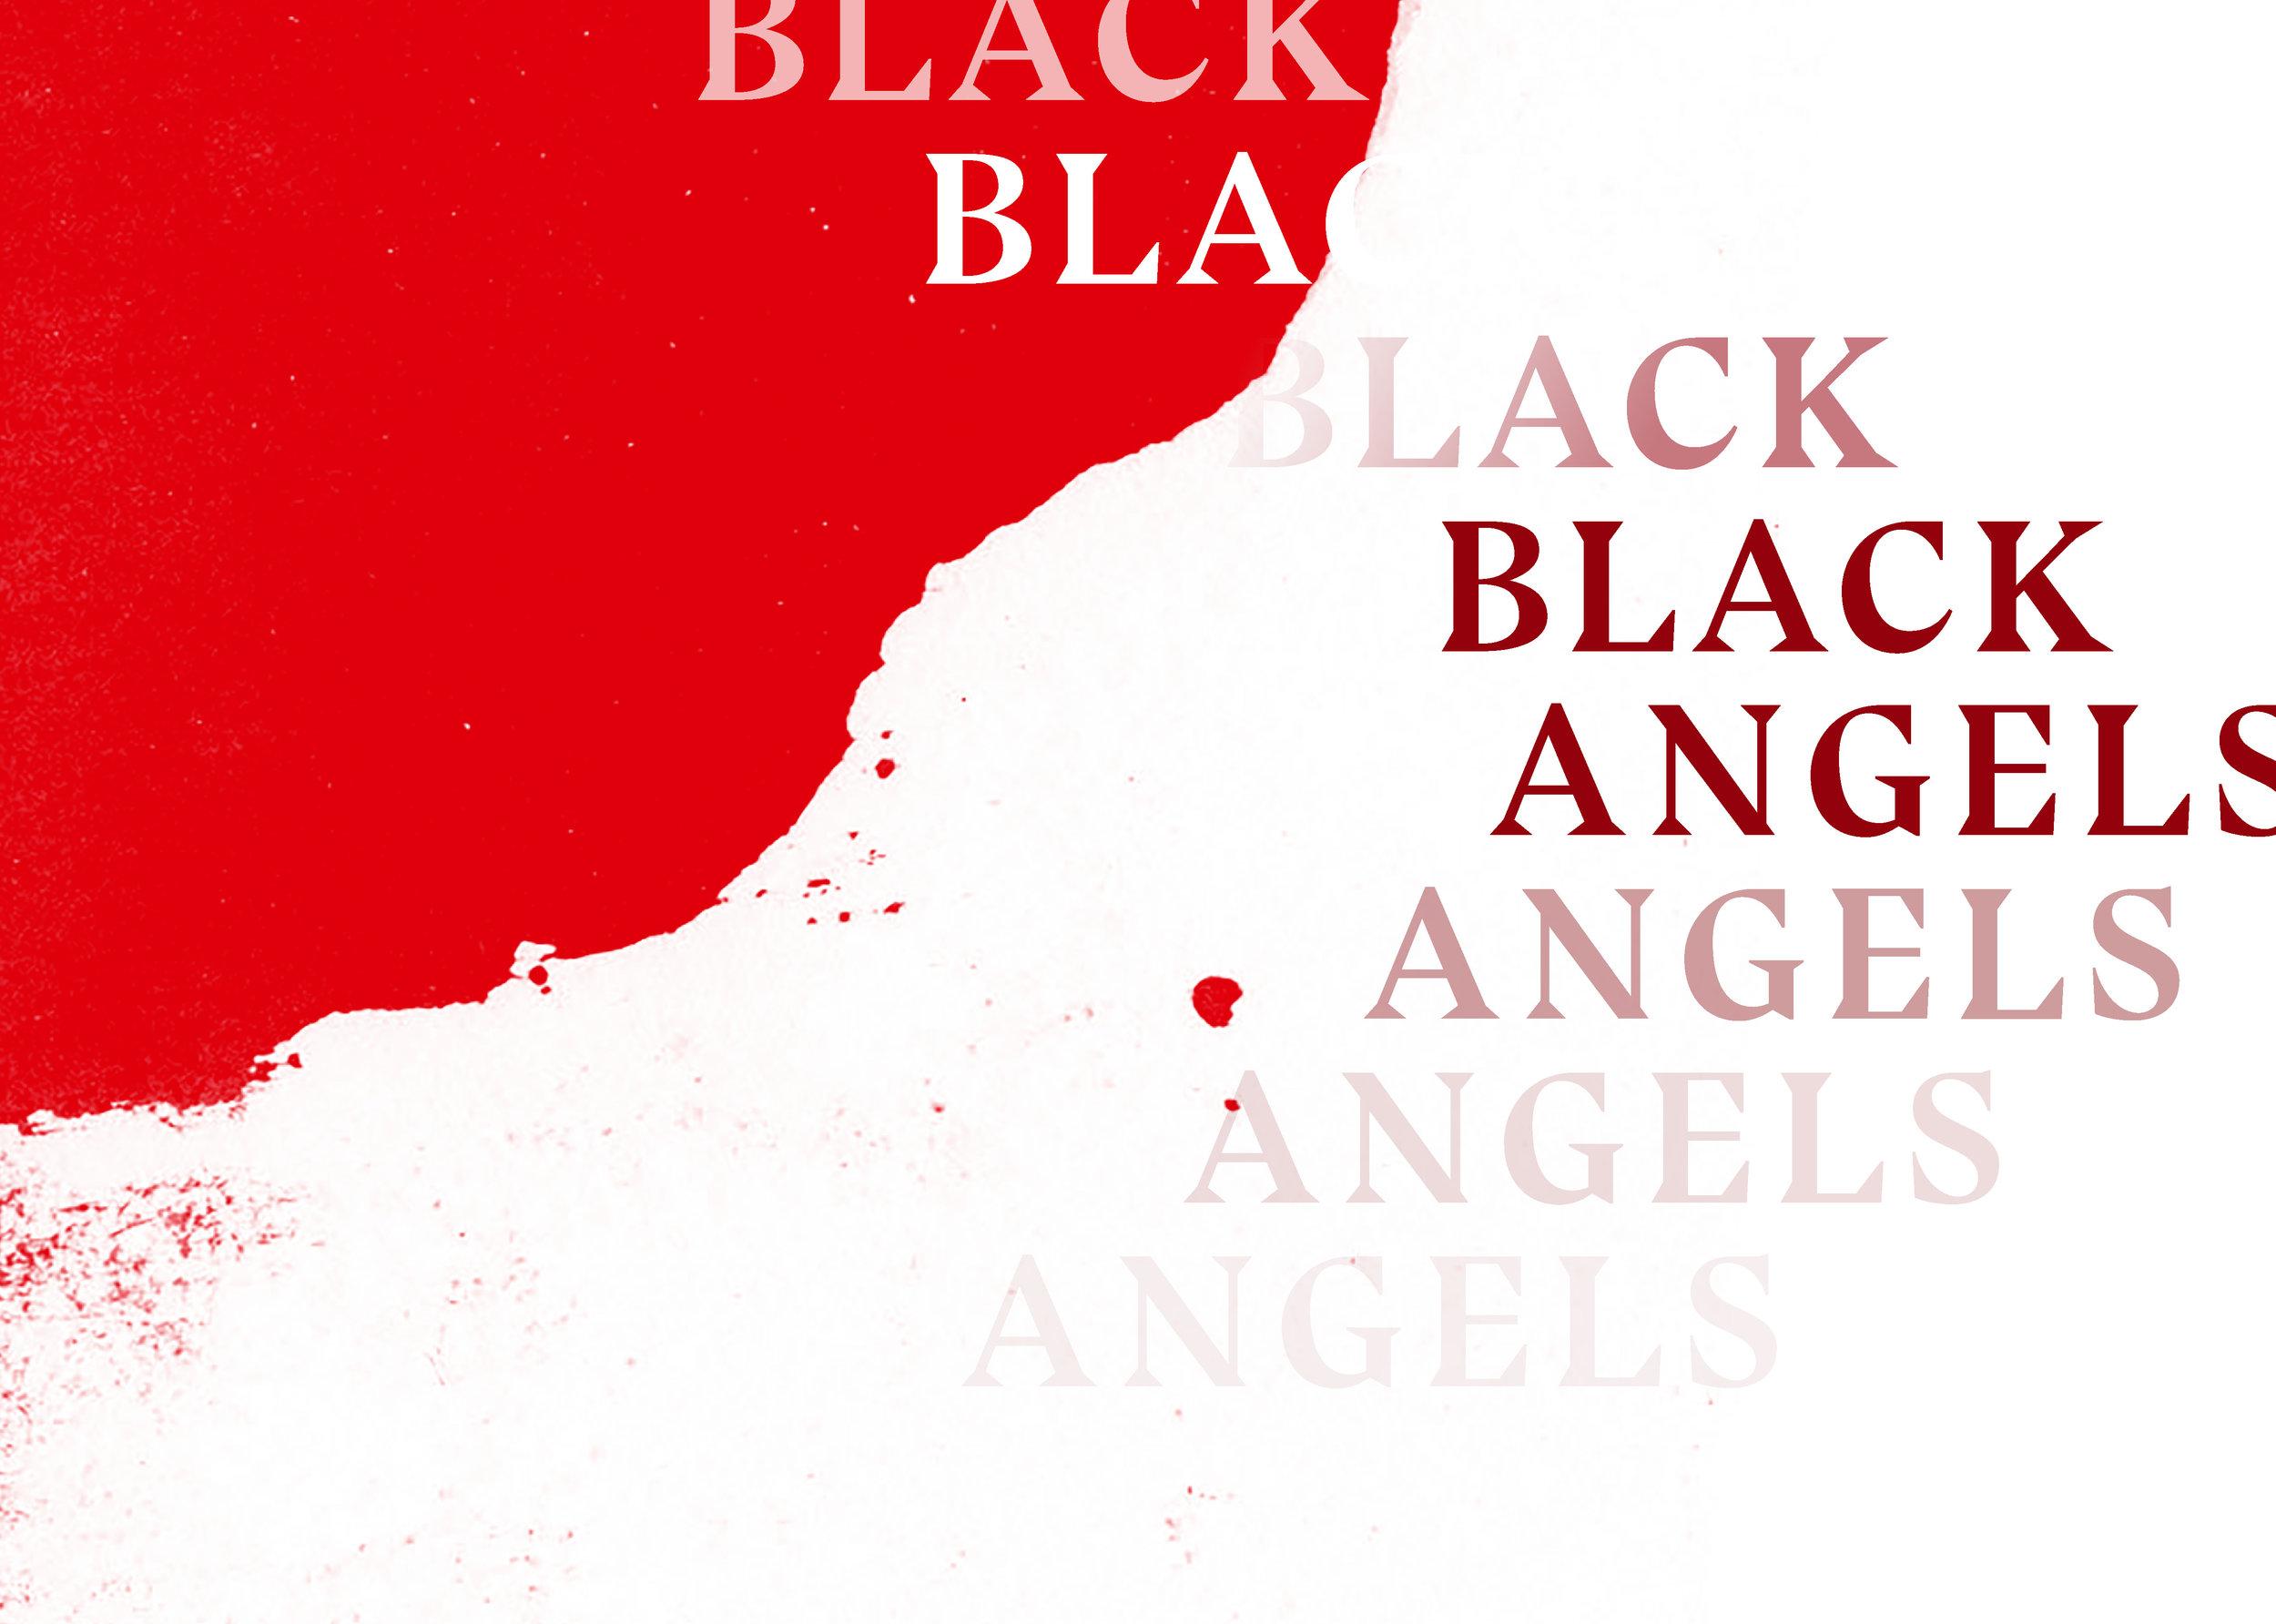 Black Angels.jpg